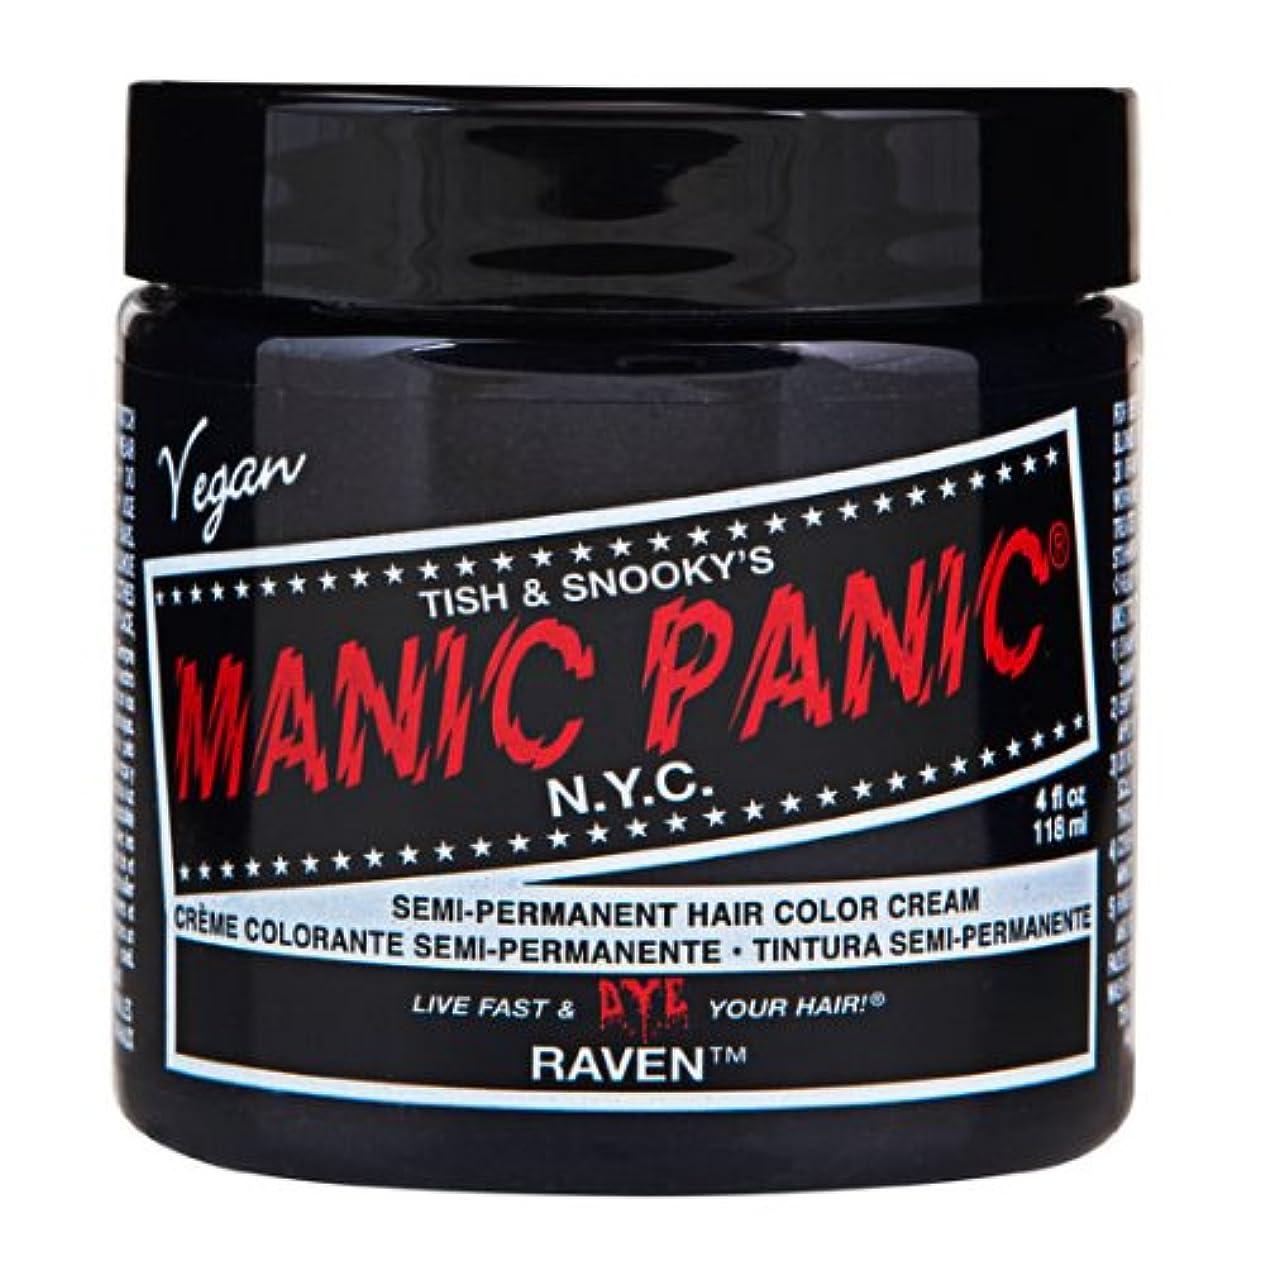 悔い改める考案する護衛スペシャルセットMANIC PANICマニックパニック:Raven (レイヴァン)+ヘアカラーケア4点セット